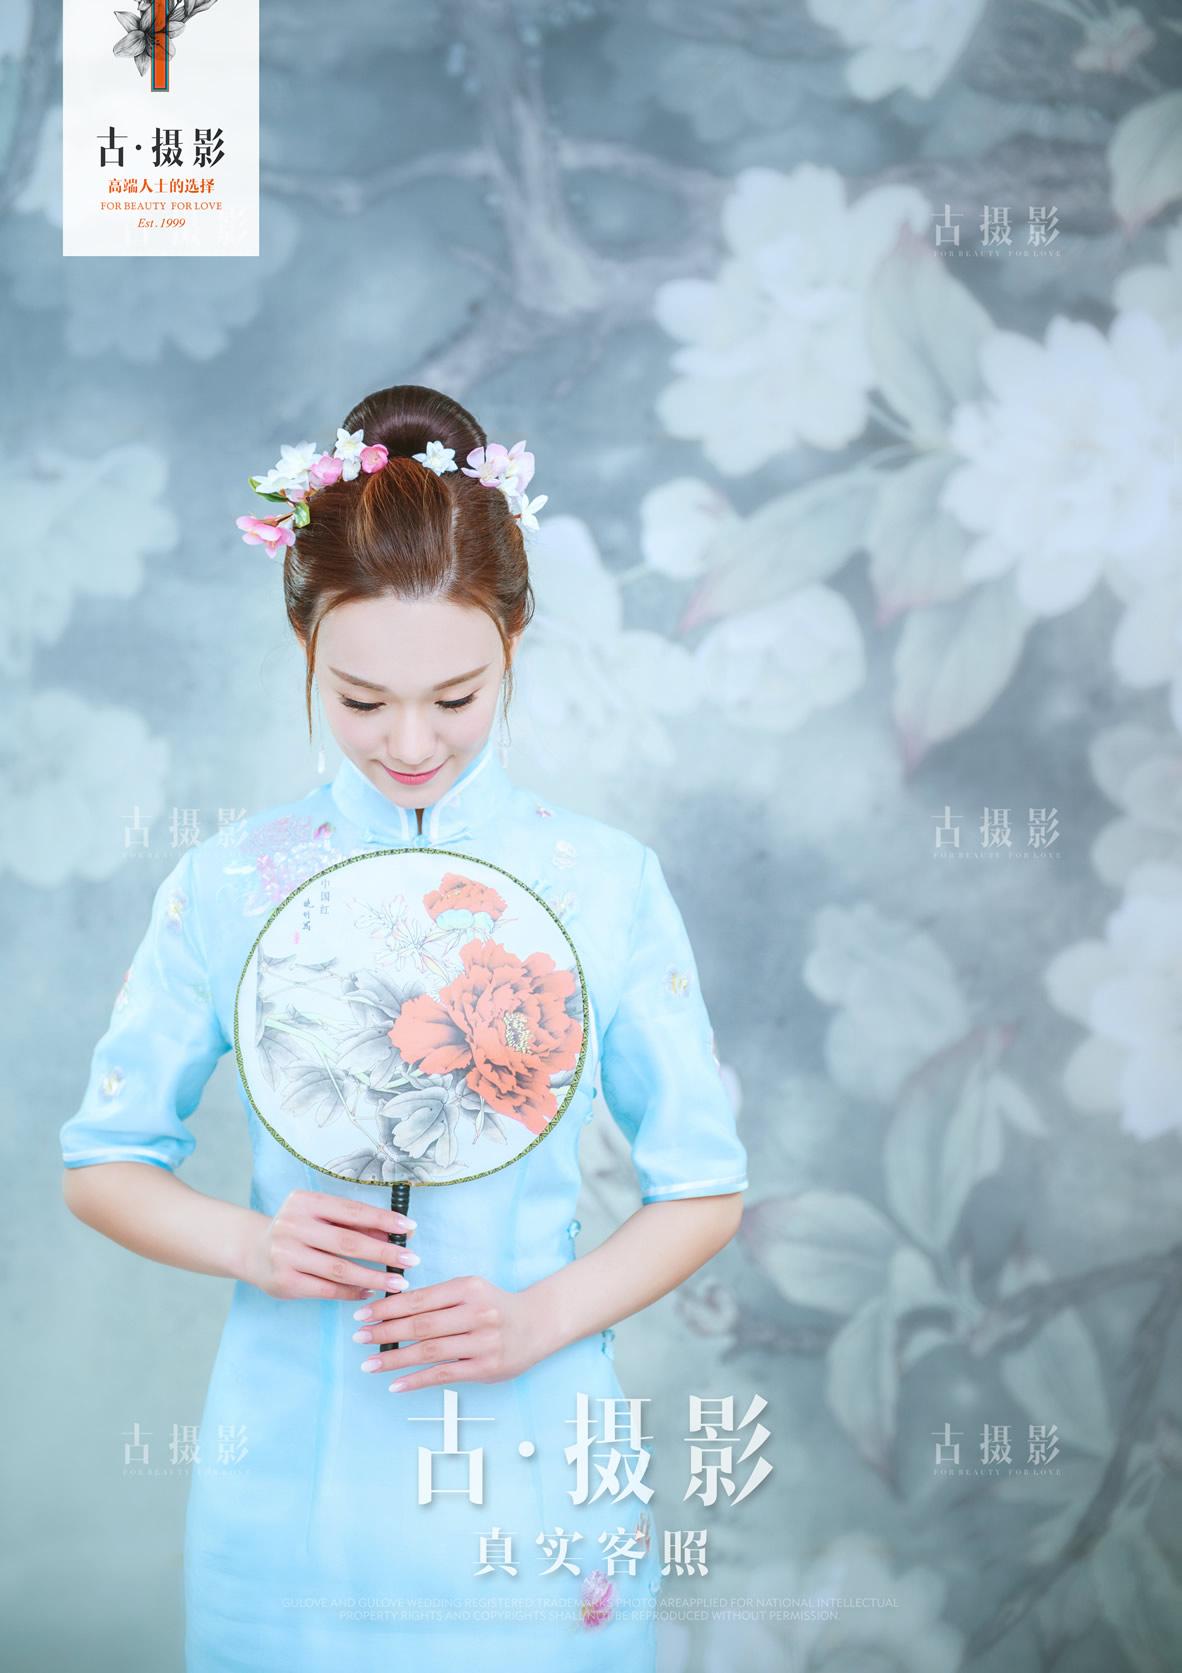 2月16日客片何先生 黎小姐 - 每日客照 - 广州婚纱摄影-广州古摄影官网